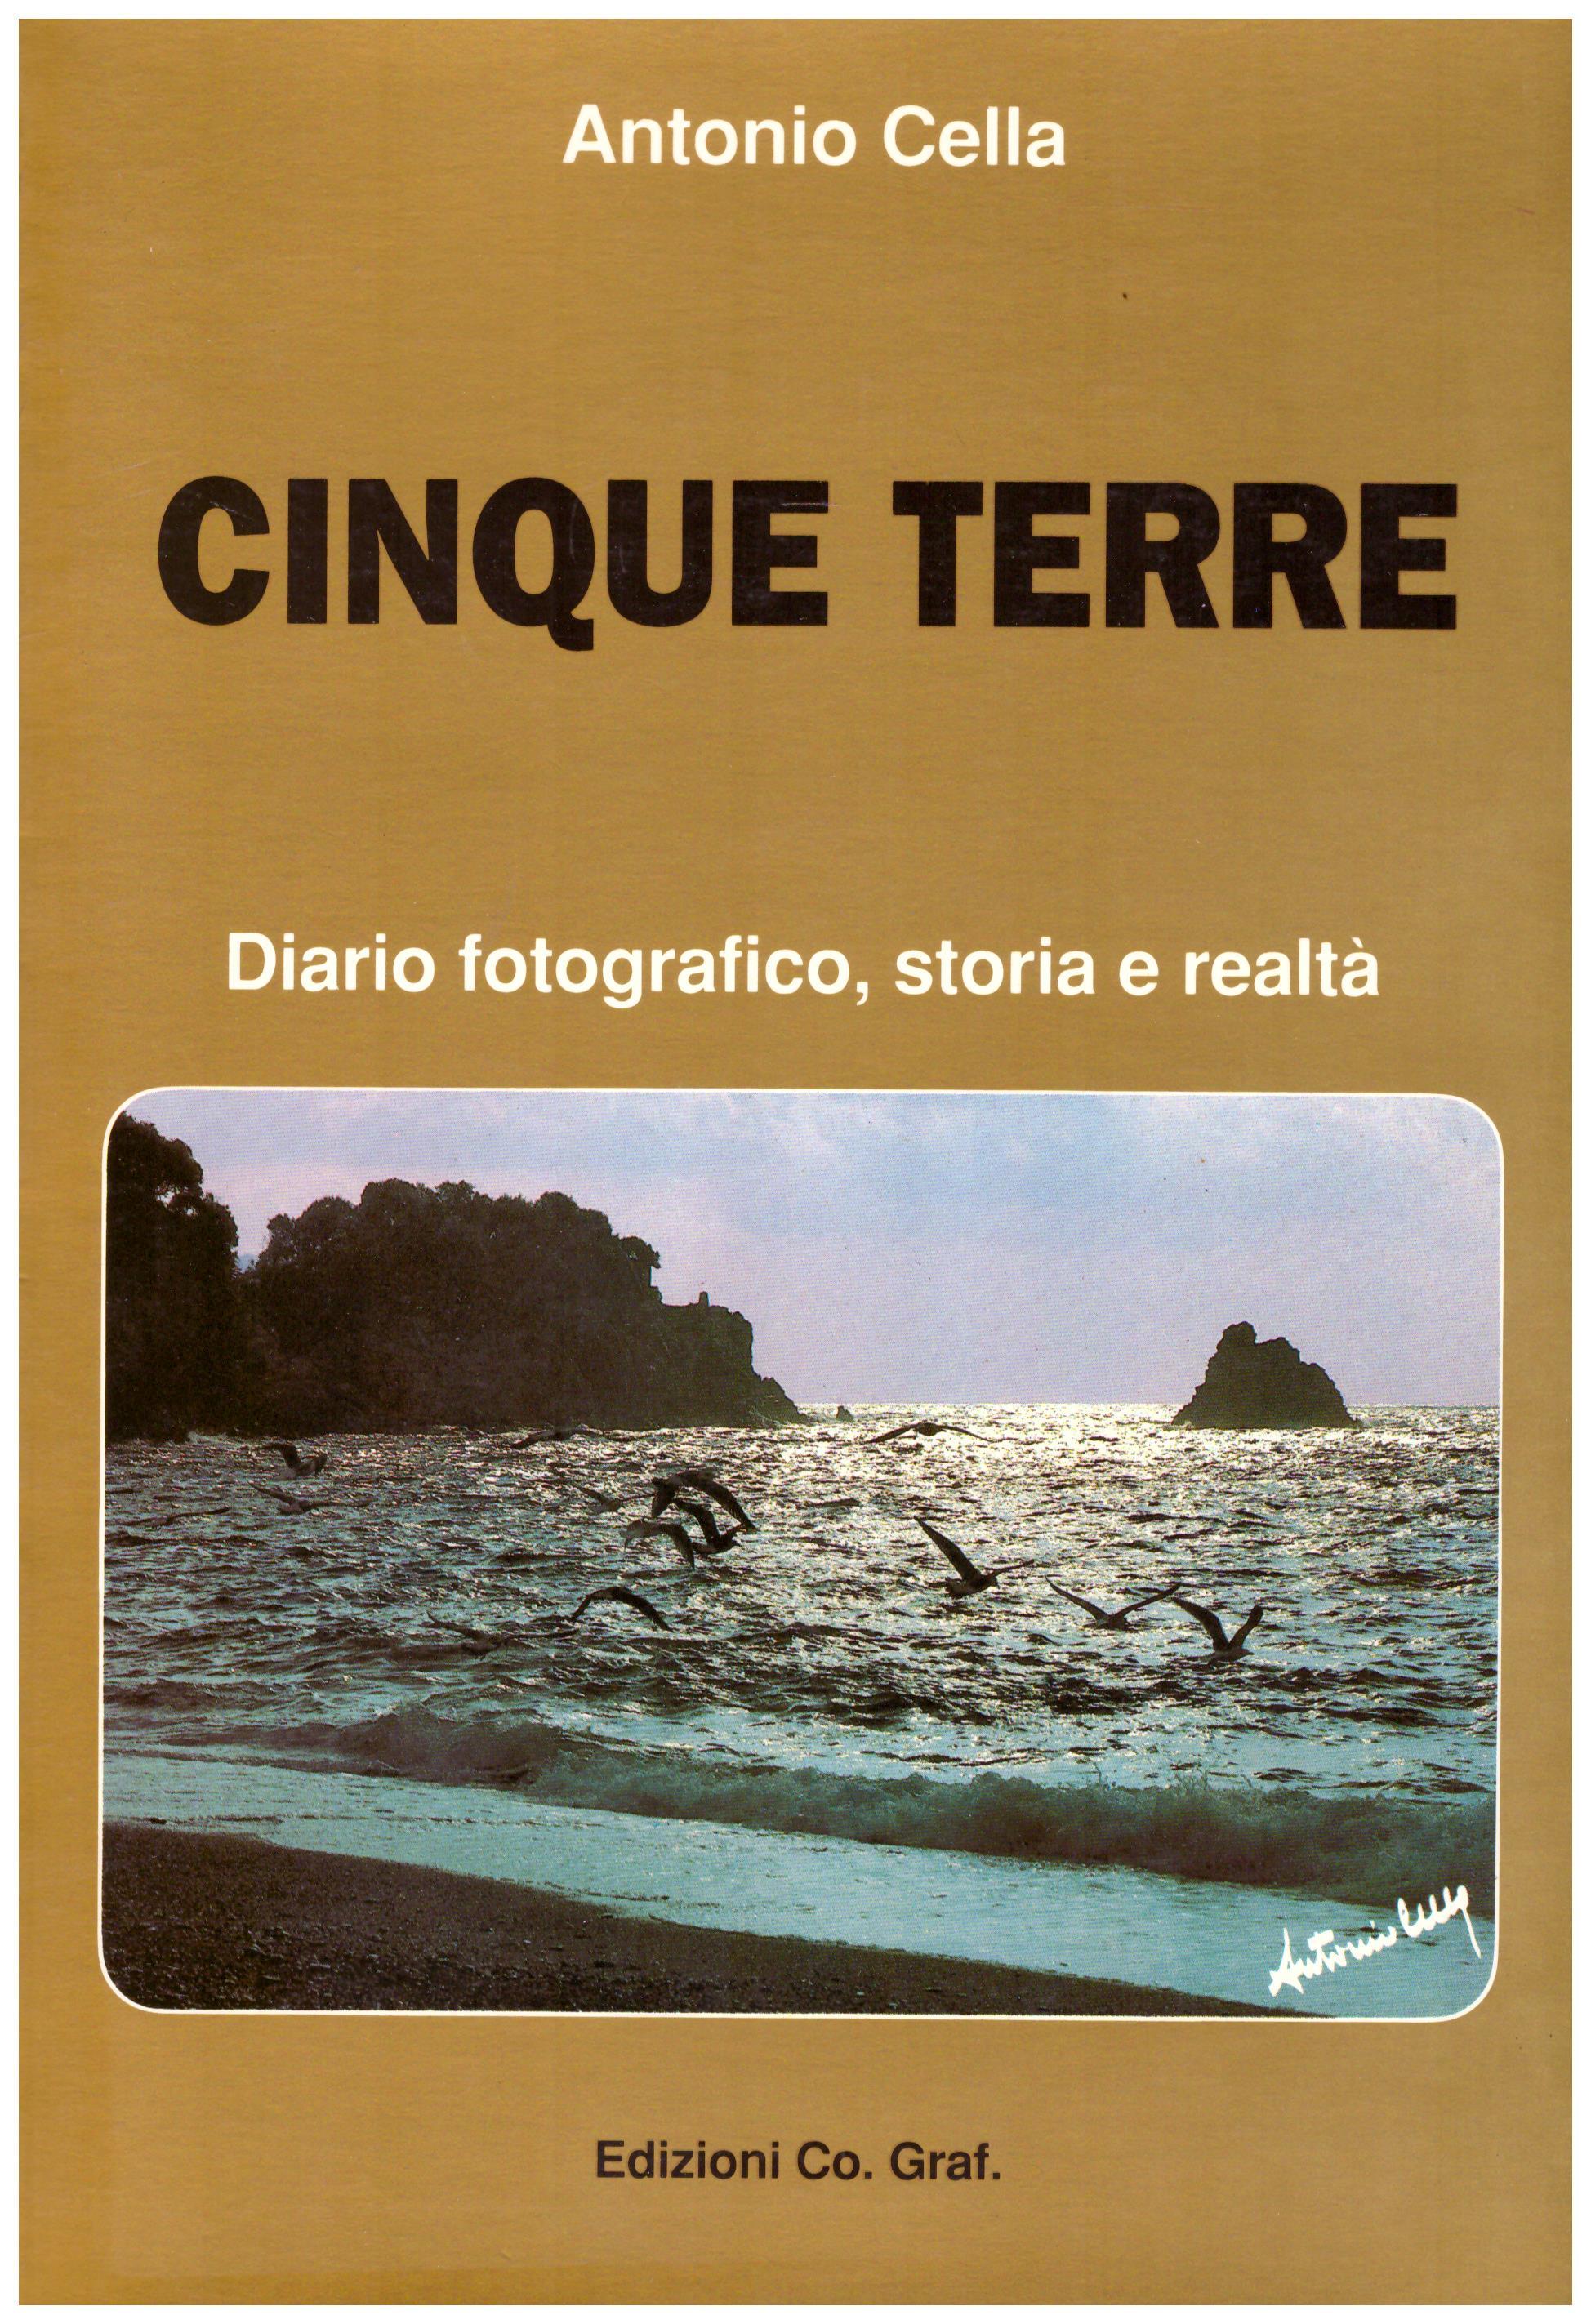 Titolo: Cinque terre  Autore: Antonio Cella  Editore: Co. Grat. 1988